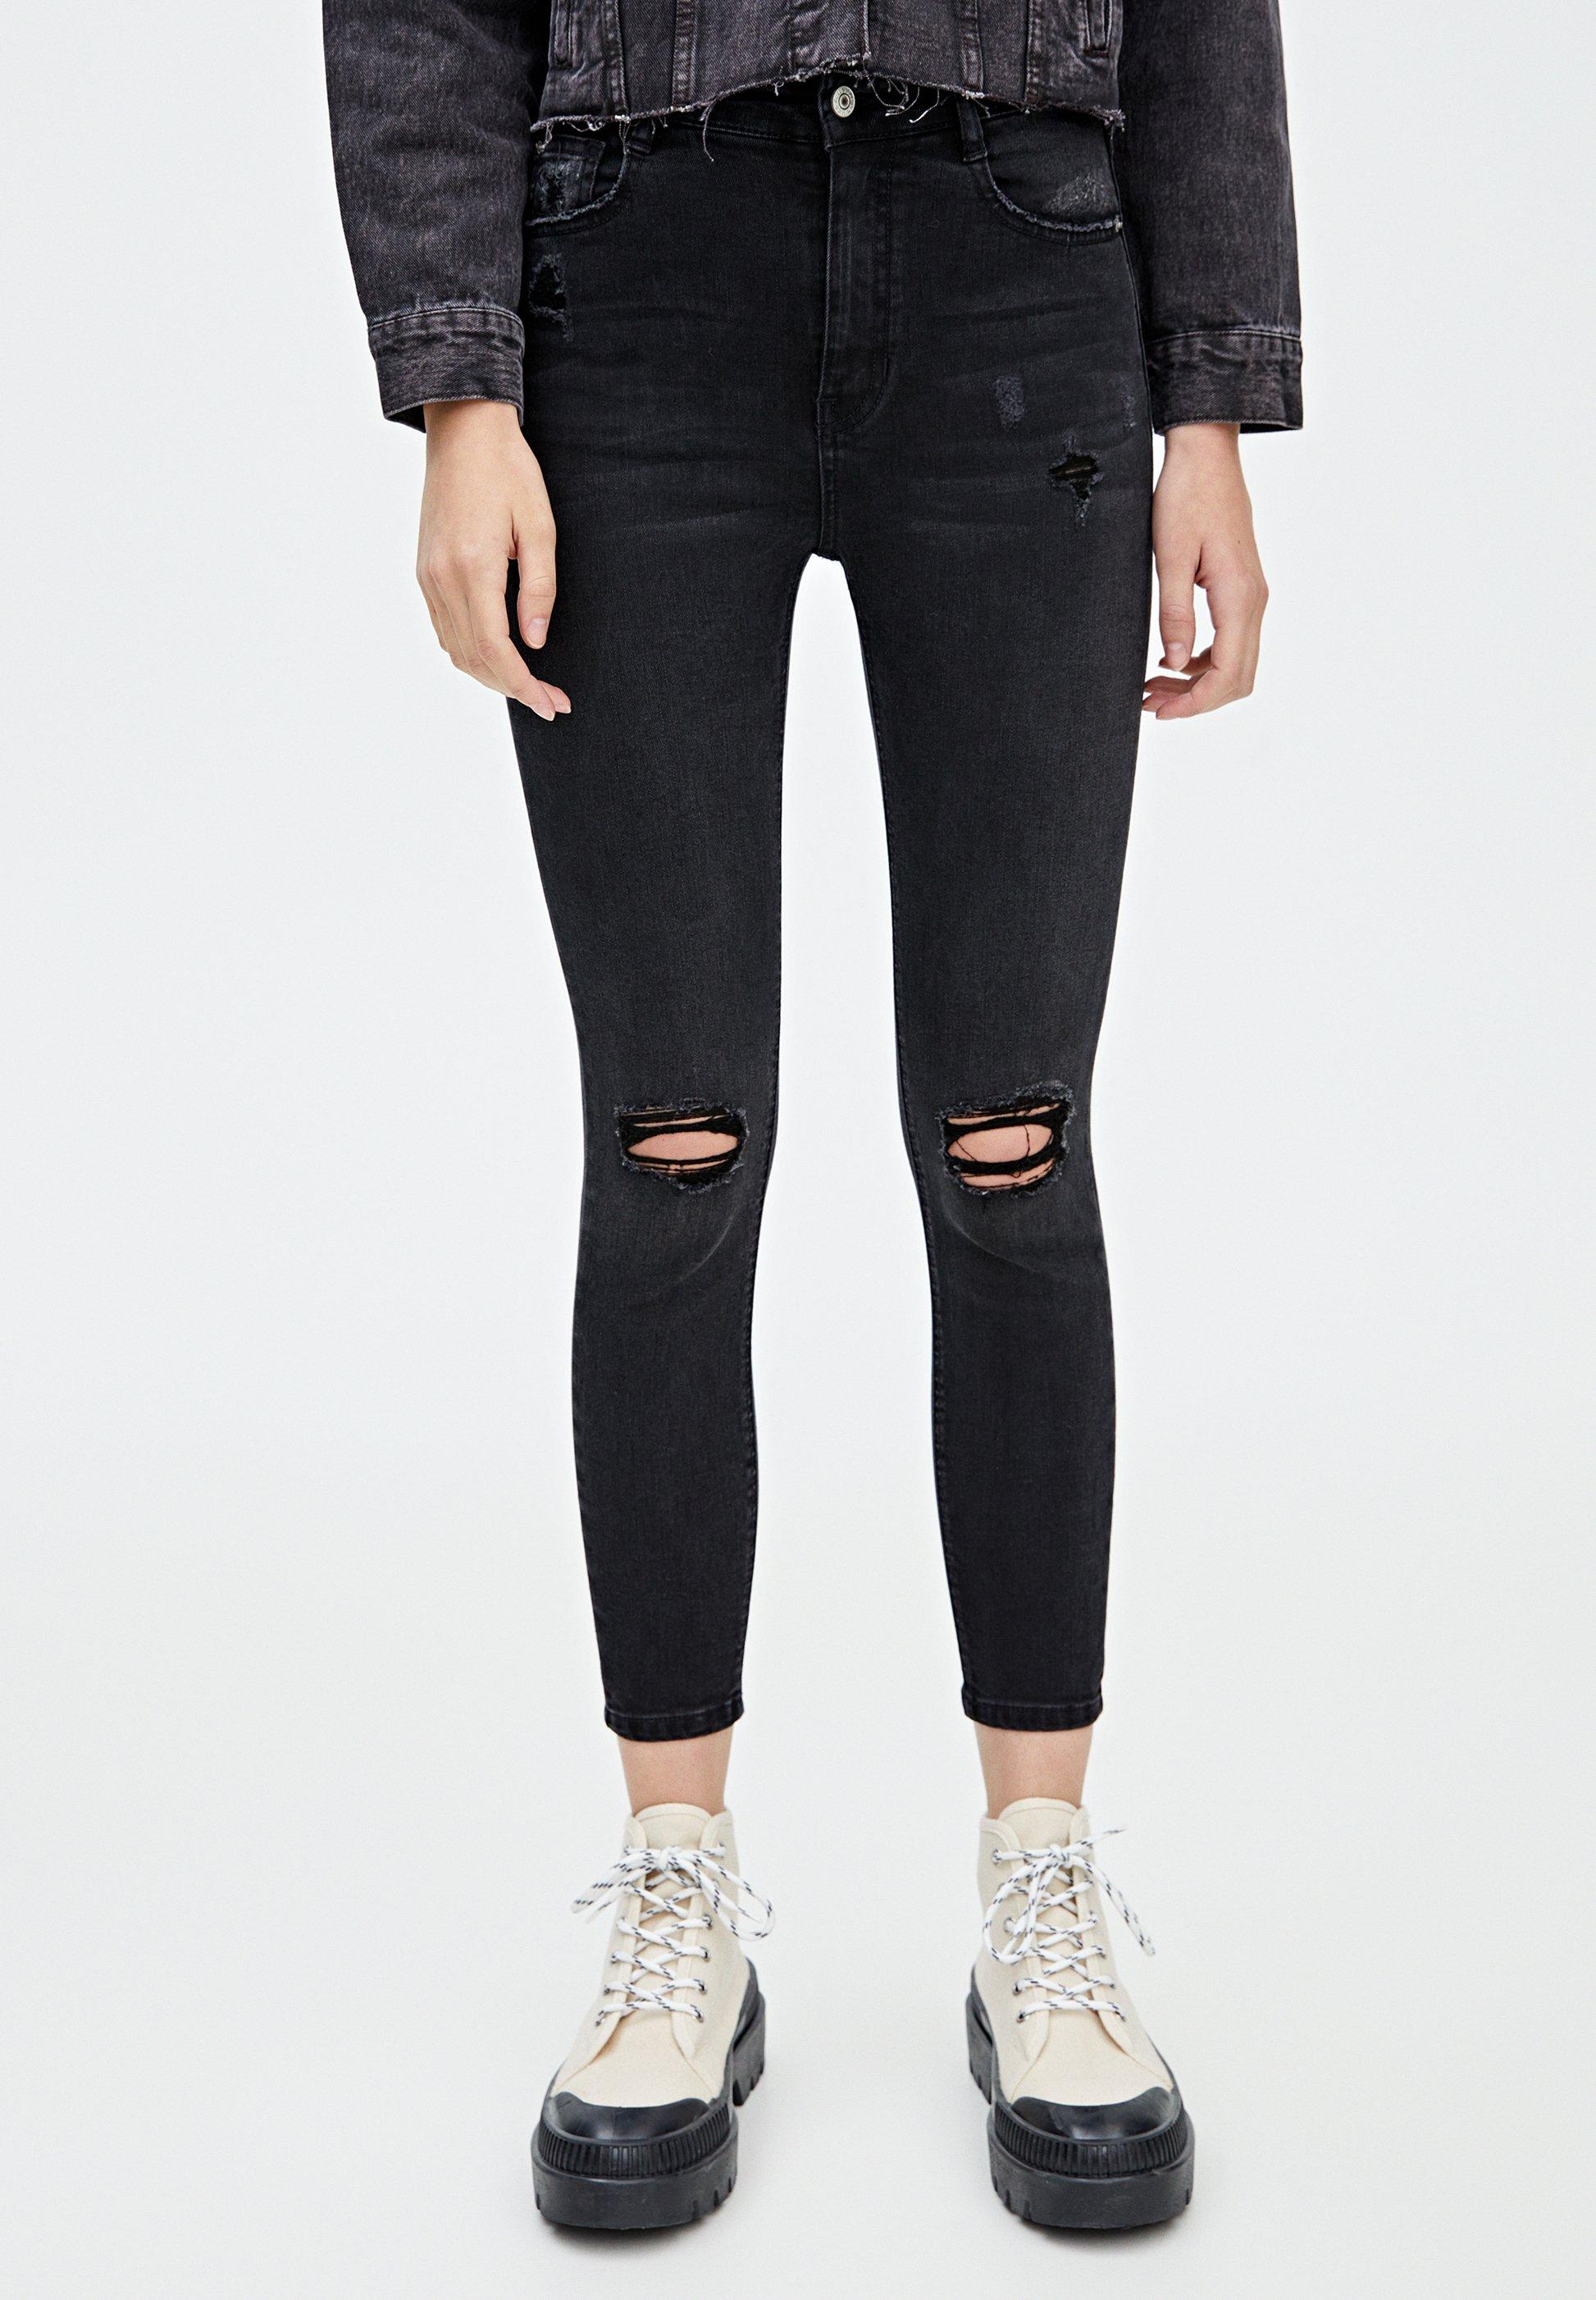 PULL&BEAR MIT HOHEM BUND - Jeans Skinny Fit black